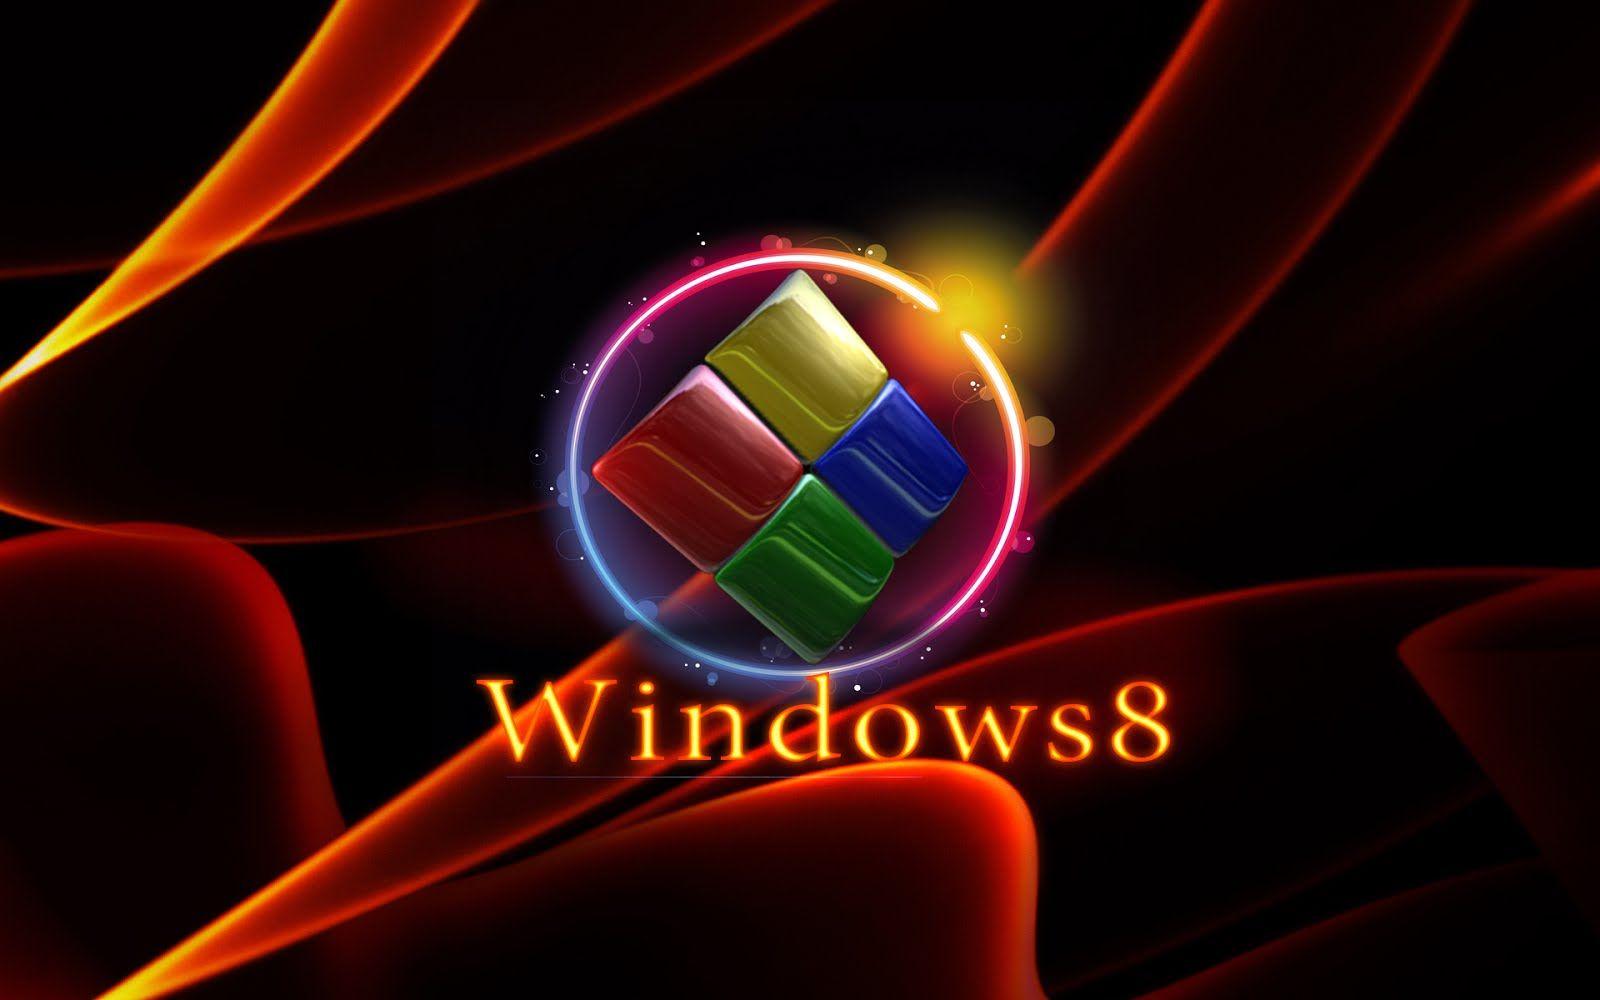 NEW Kumpulan Wallpaper Windows 8 Gratis Terbaru 2014 ENetter